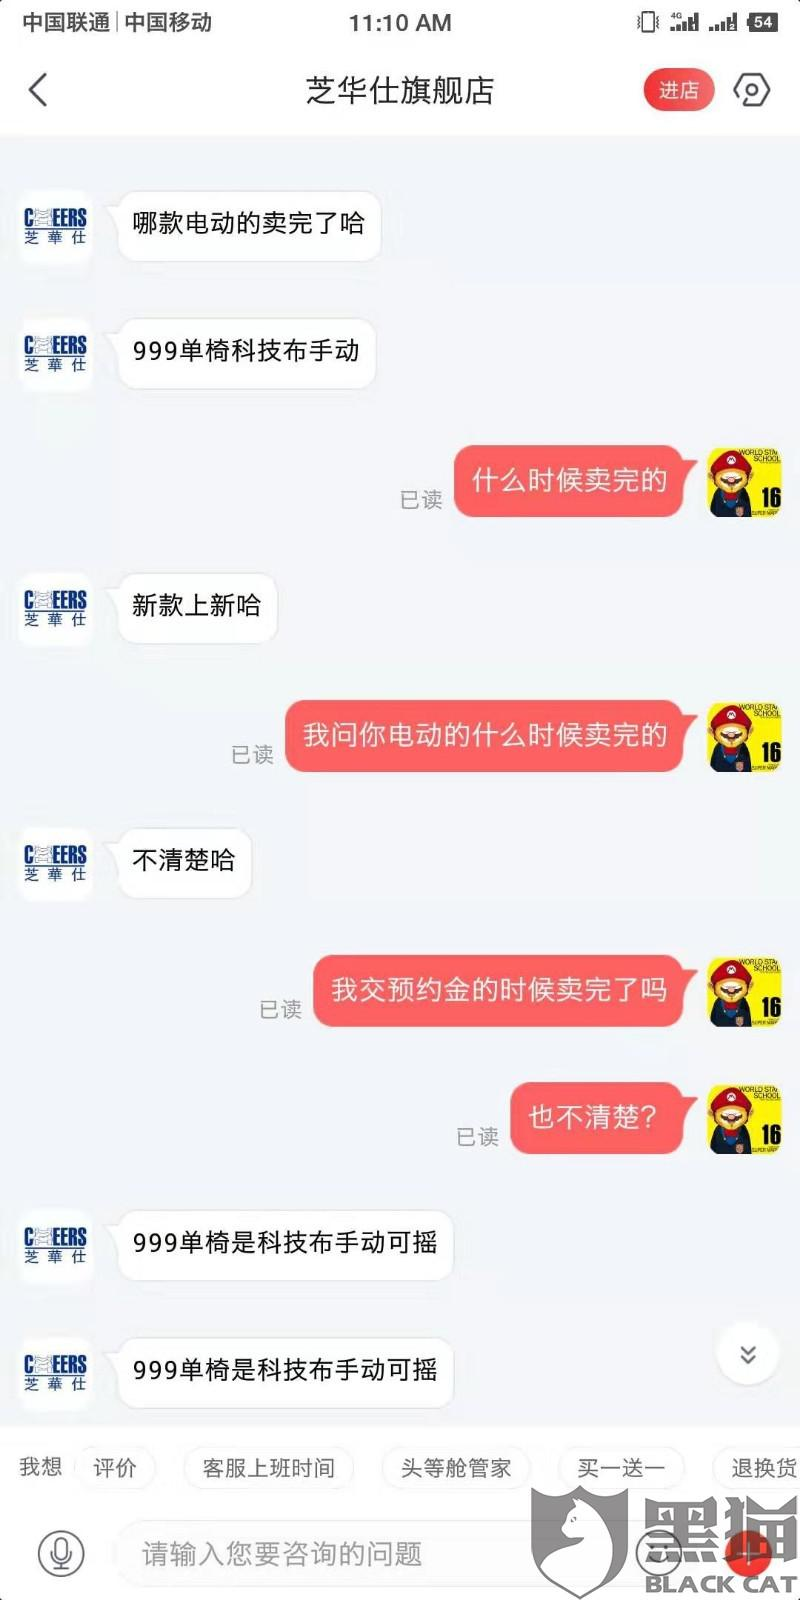 黑猫投诉:京东芝华士旗舰店大忽悠,预约完后私自更改后台产品